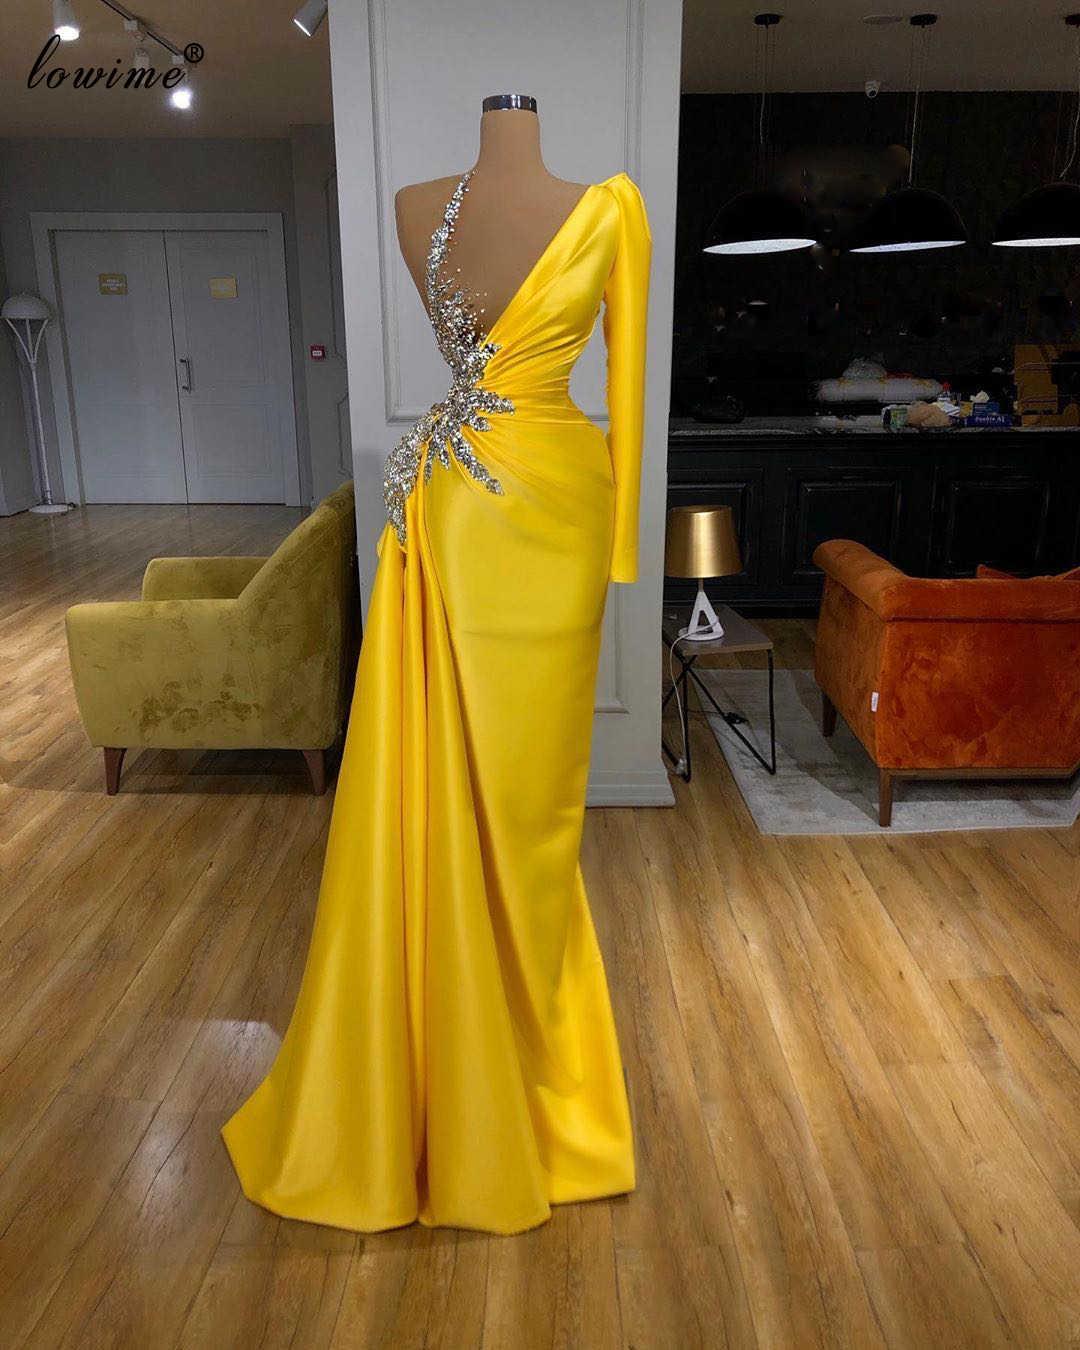 Желтые платья знаменитостей 2020, Русалка на одно плечо, женские платья с красным ковром, вечерние платья в арабском стиле